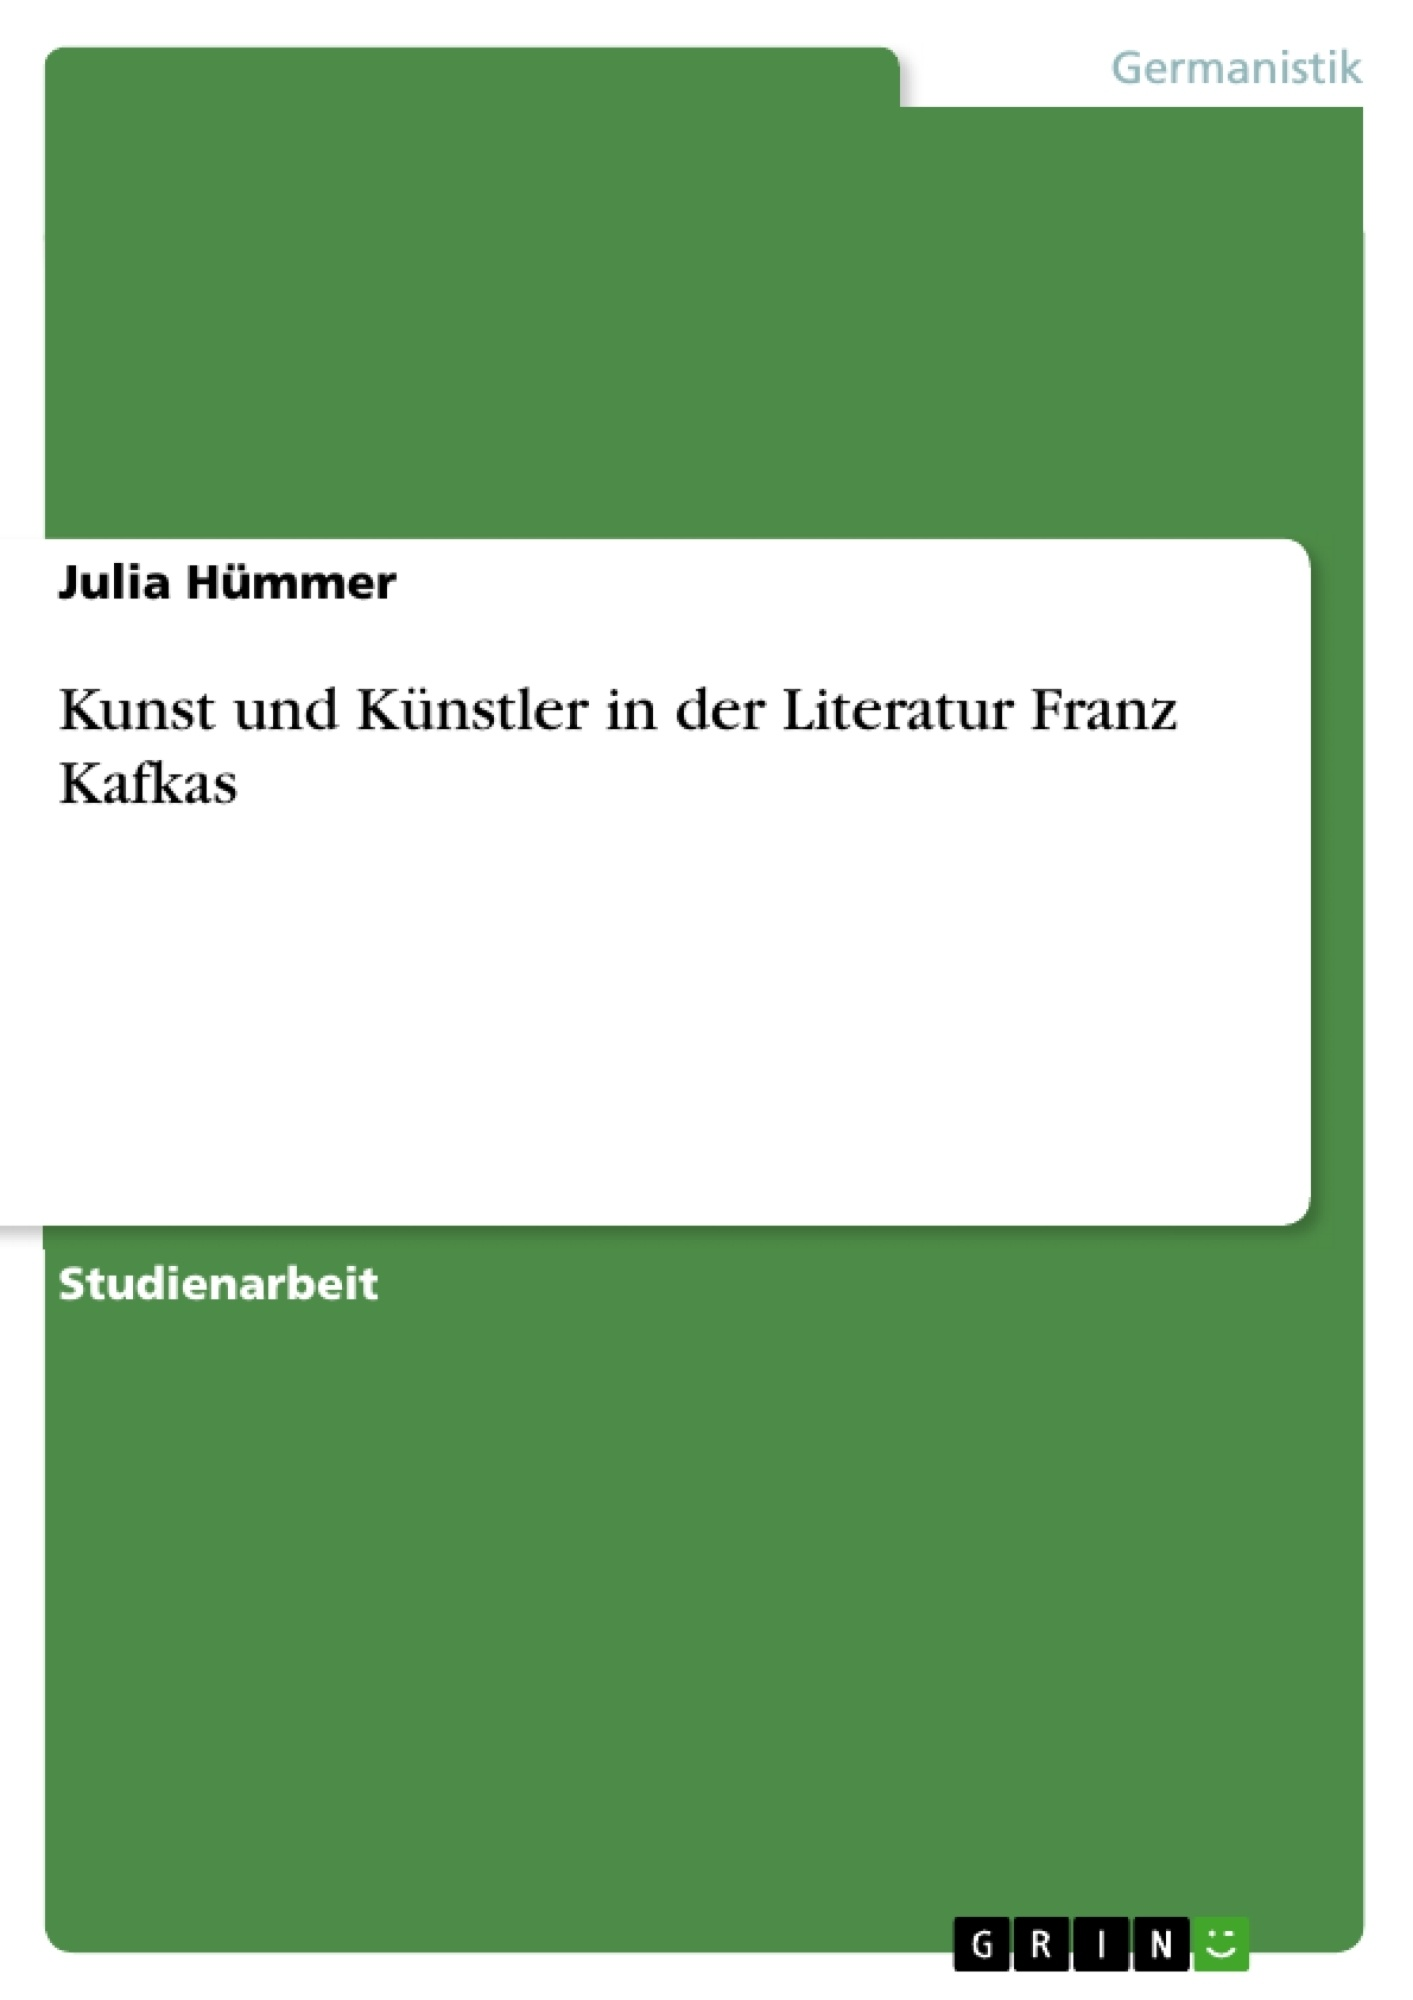 Titel: Kunst und Künstler in der Literatur Franz Kafkas